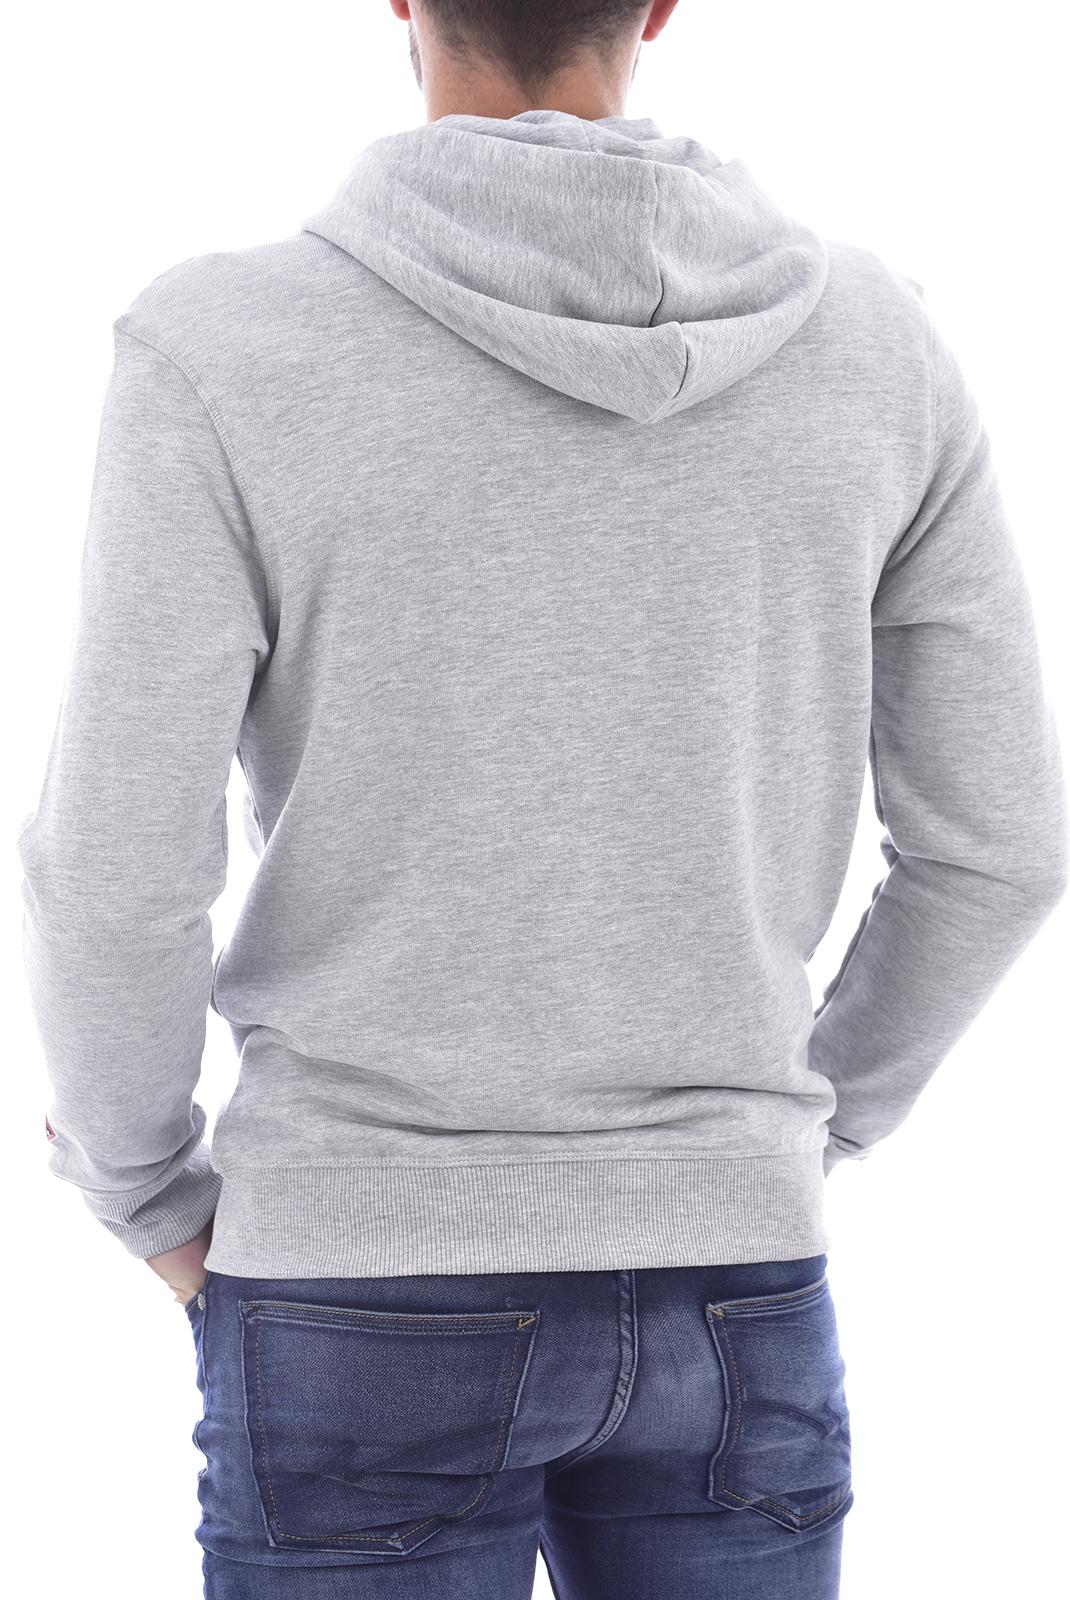 Vestes zippées  Guess jeans U0BA50 K9V31 H905 GRIS